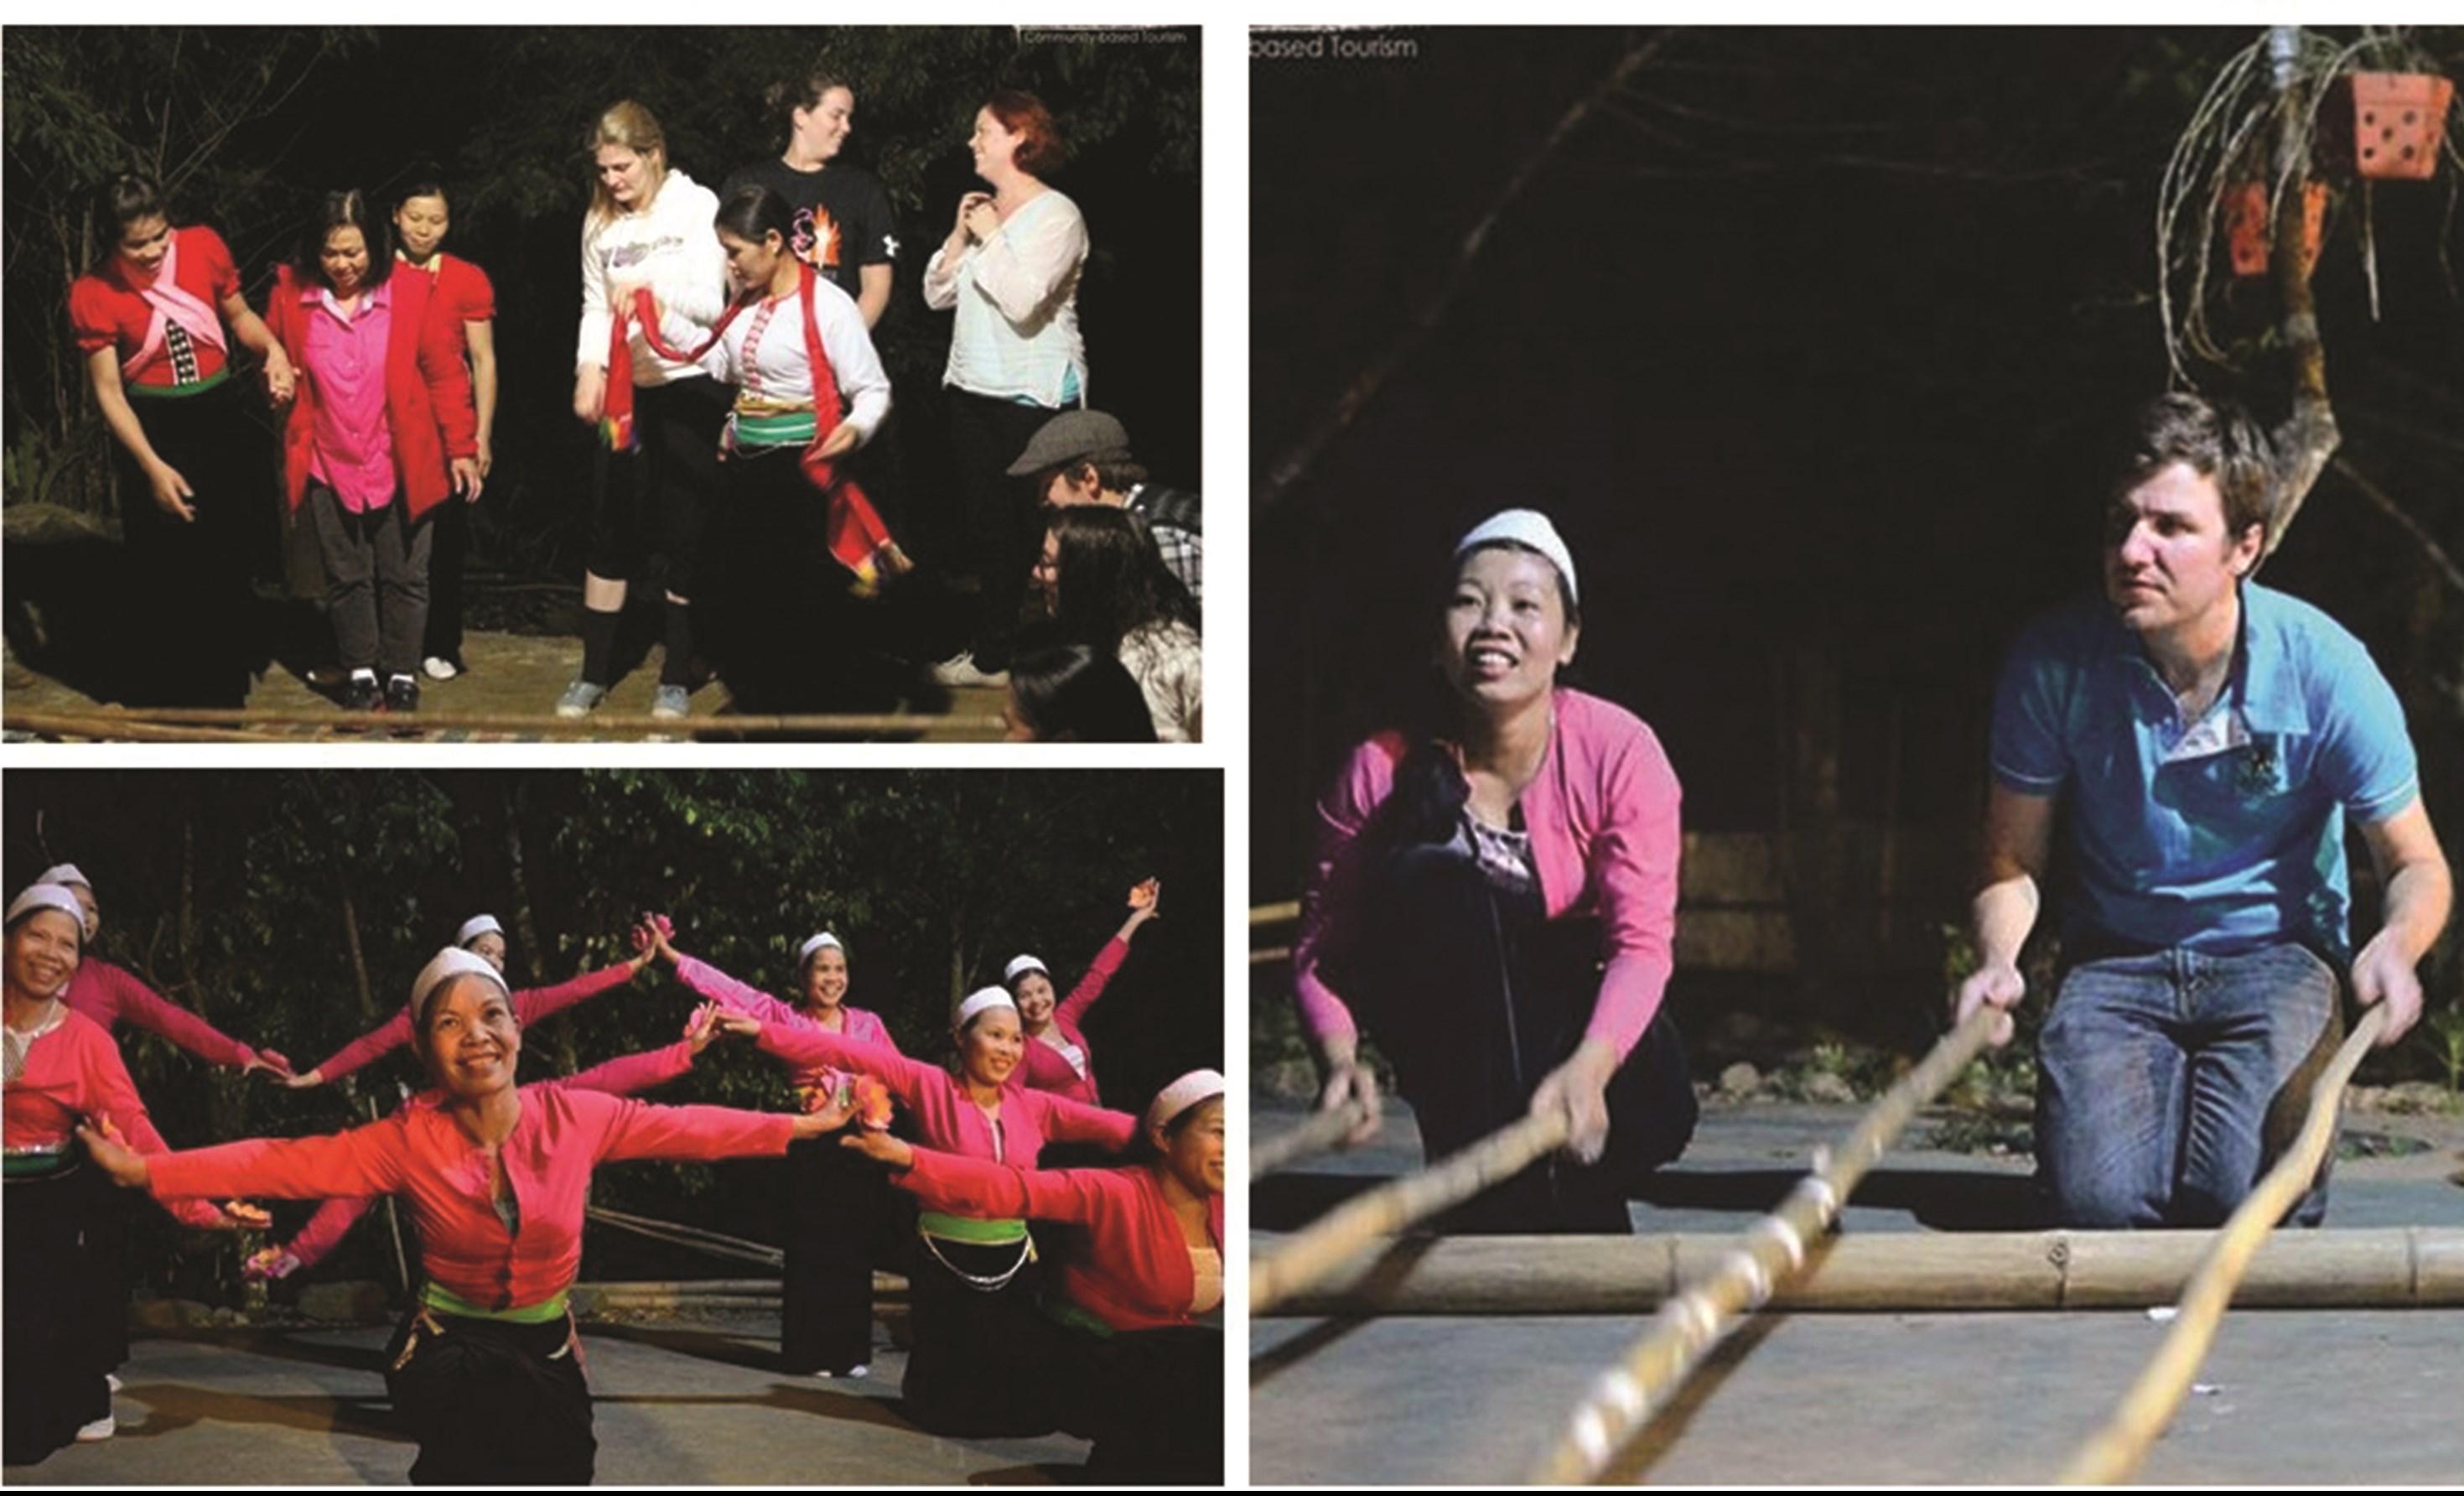 Khách du lịch quốc tế trải nghiệm các hoạt động văn hóa tại các LVHDLCĐ ở Đà Bắc, tỉnh Hòa Bình.